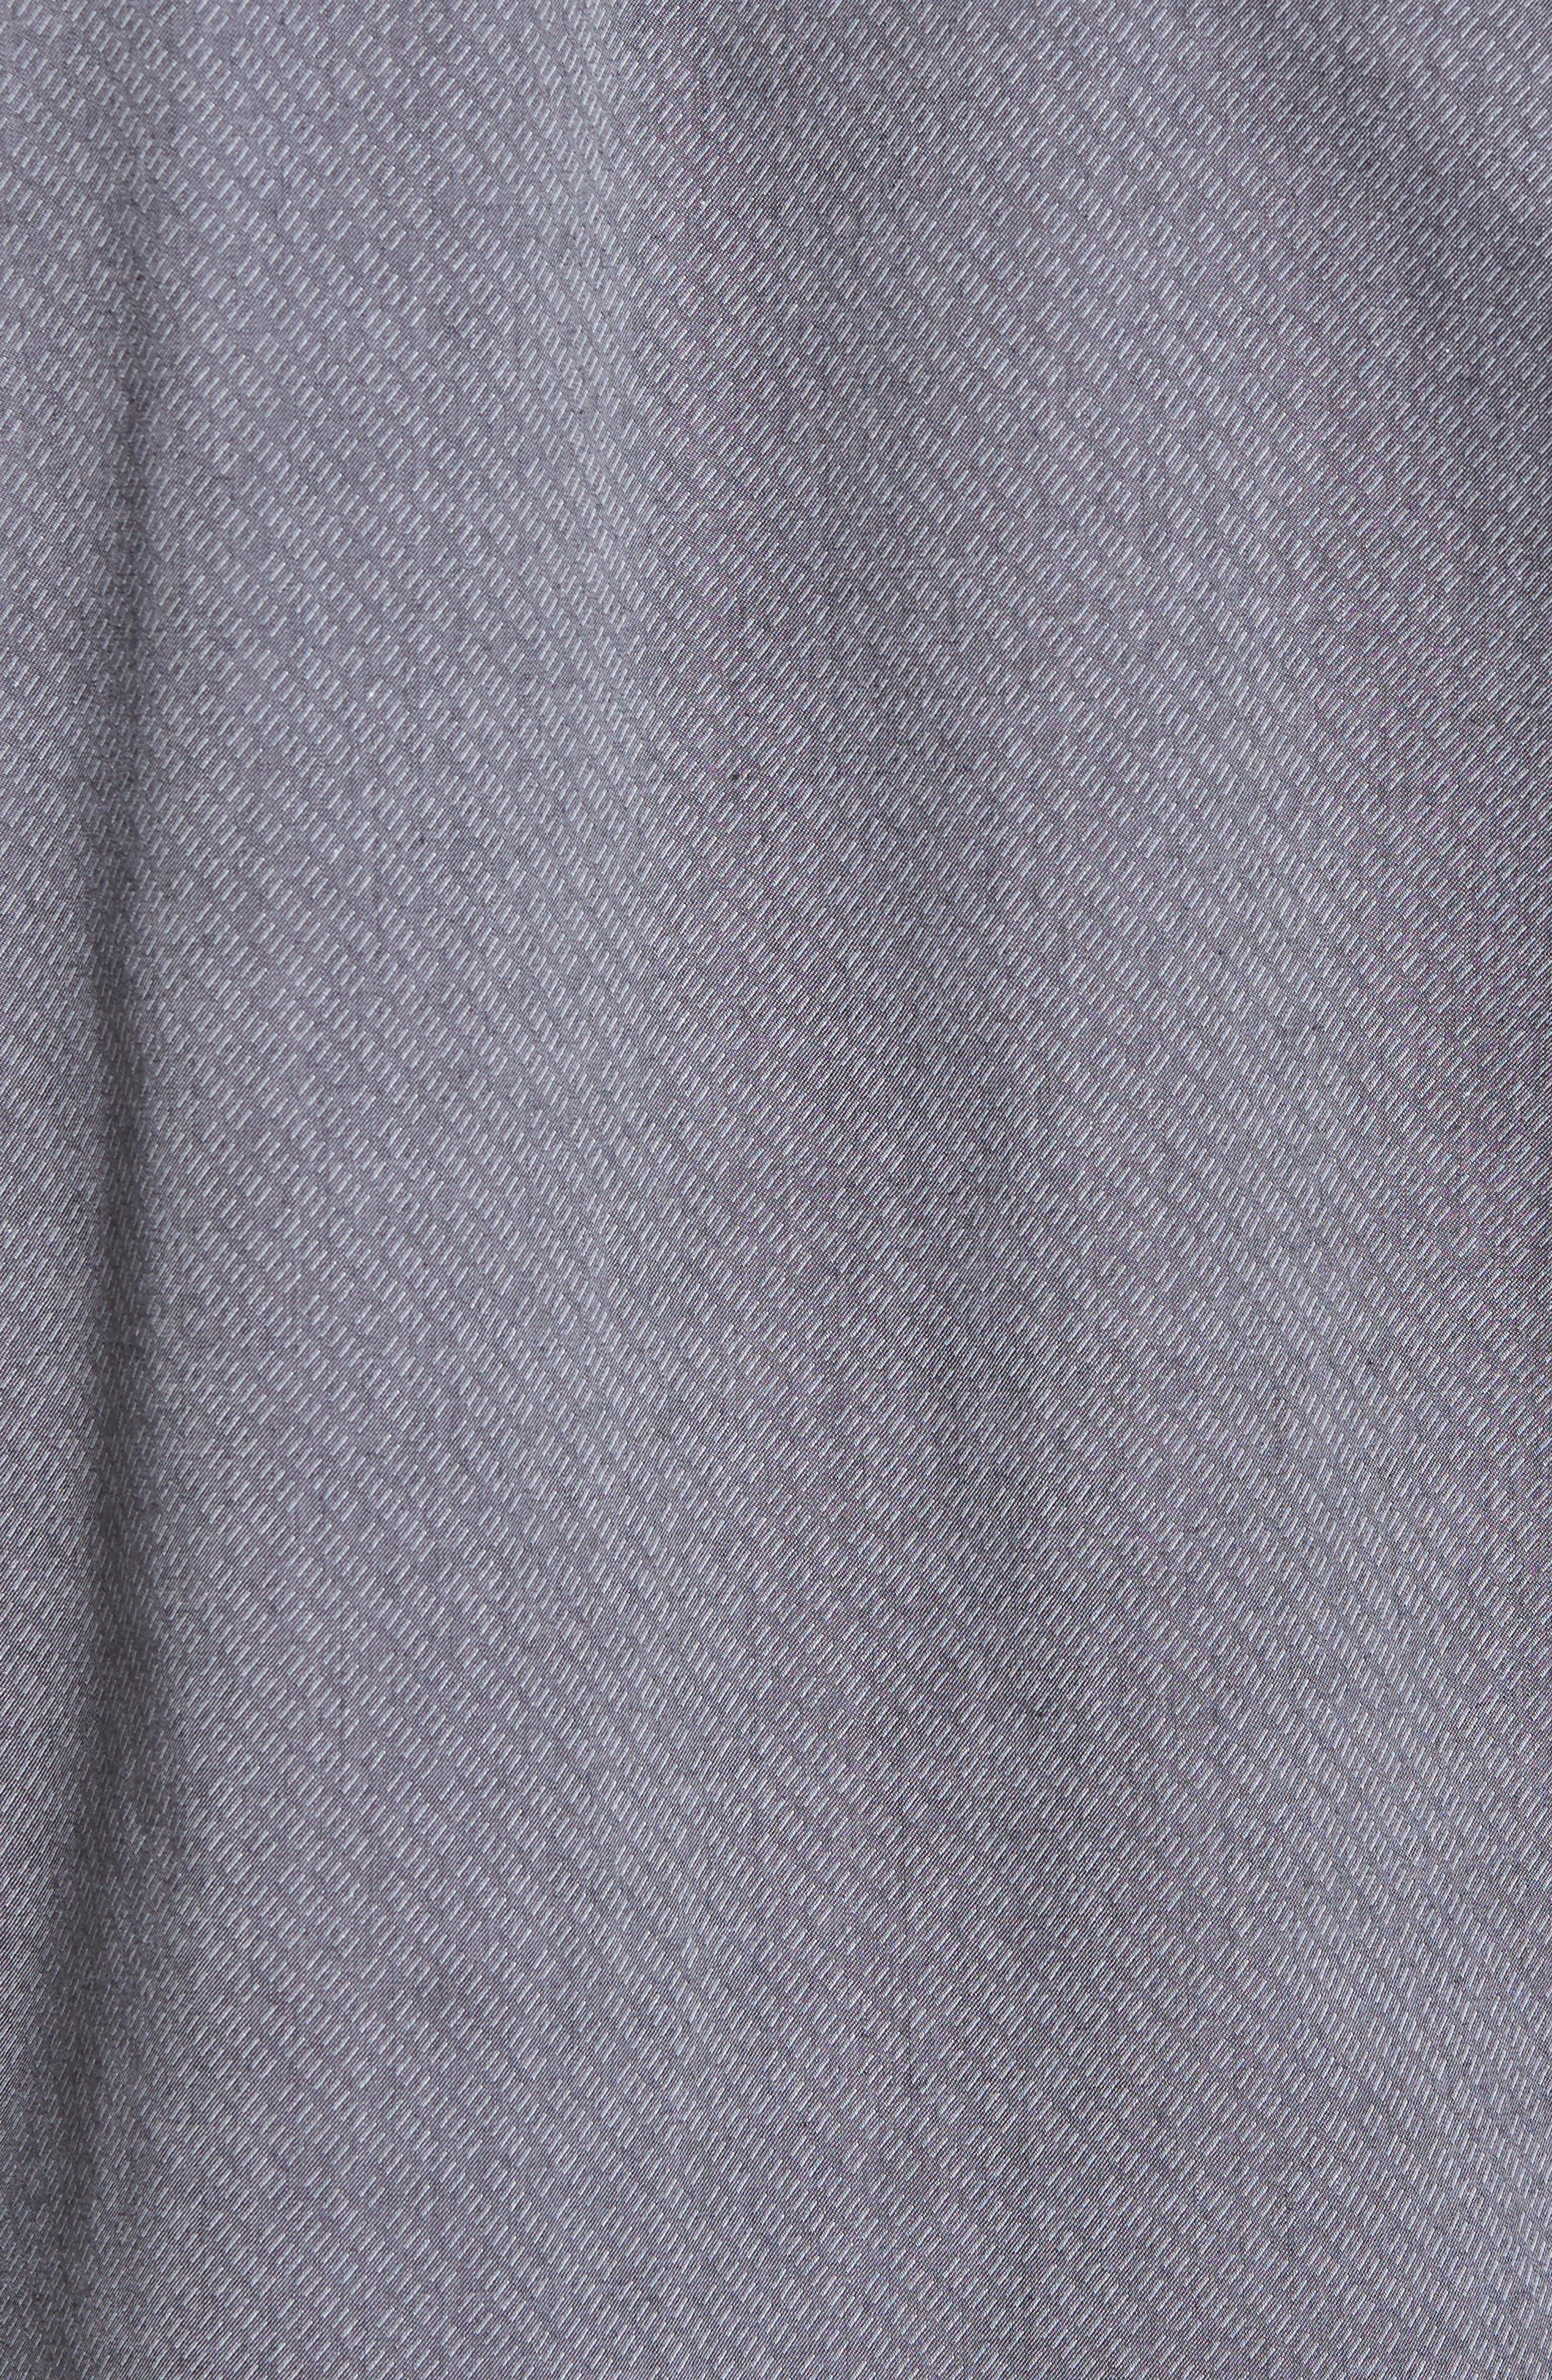 Storm Trim Fit Solid Sport Shirt,                             Alternate thumbnail 5, color,